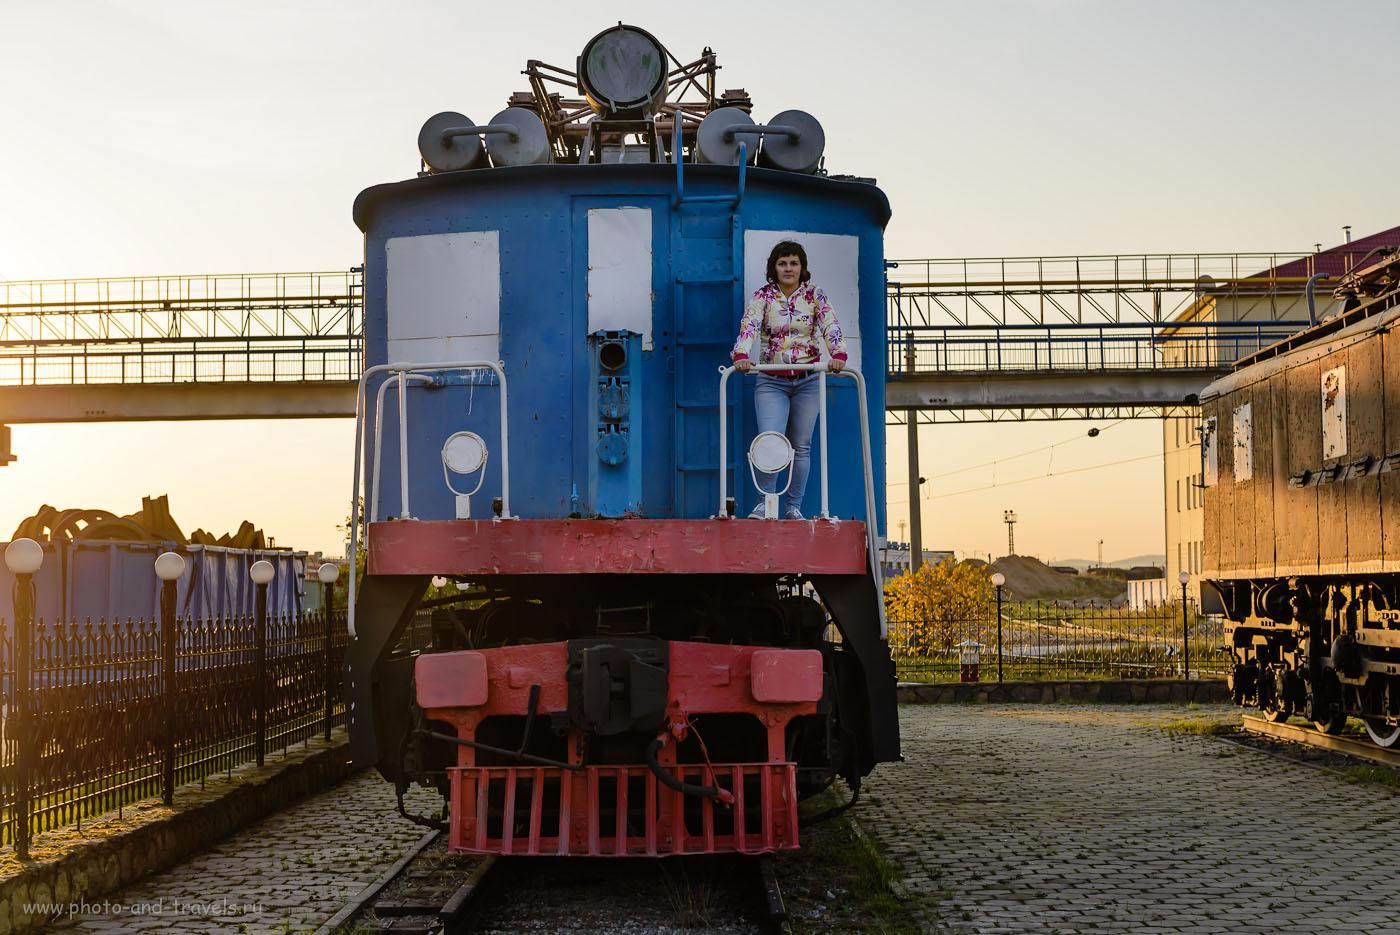 Фото 14. Экспозиция железнодорожной техники в Екатеринбурге. Туристам разрешено дотрагиваться до экспонатов. 1/250, -1.0, 4.5, 100, 50.